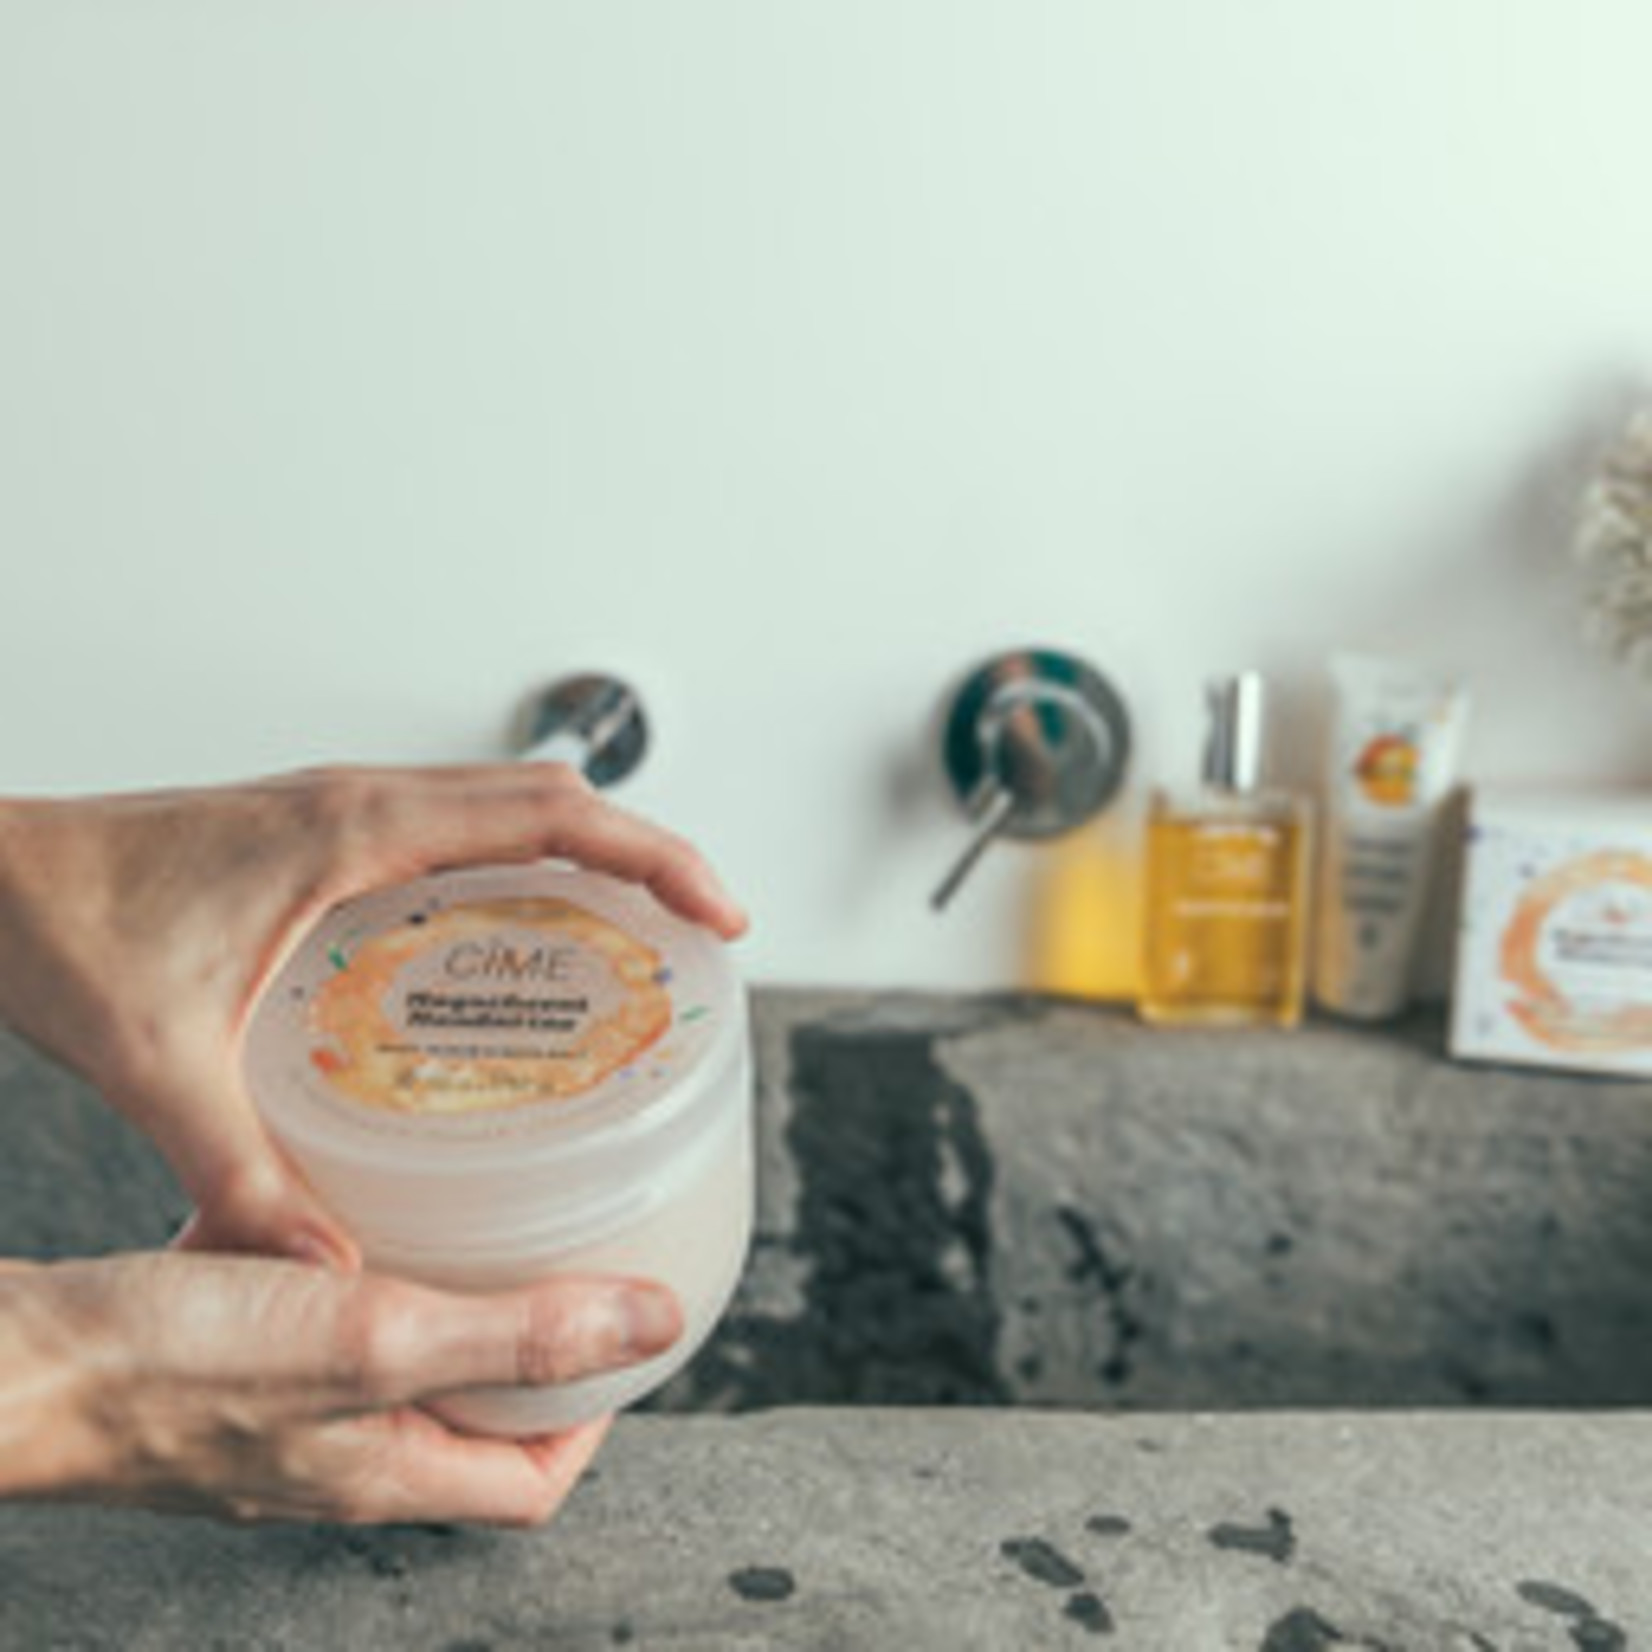 Cîme Bodyscrub & badzout - Magnificent Mandarine - Cîme